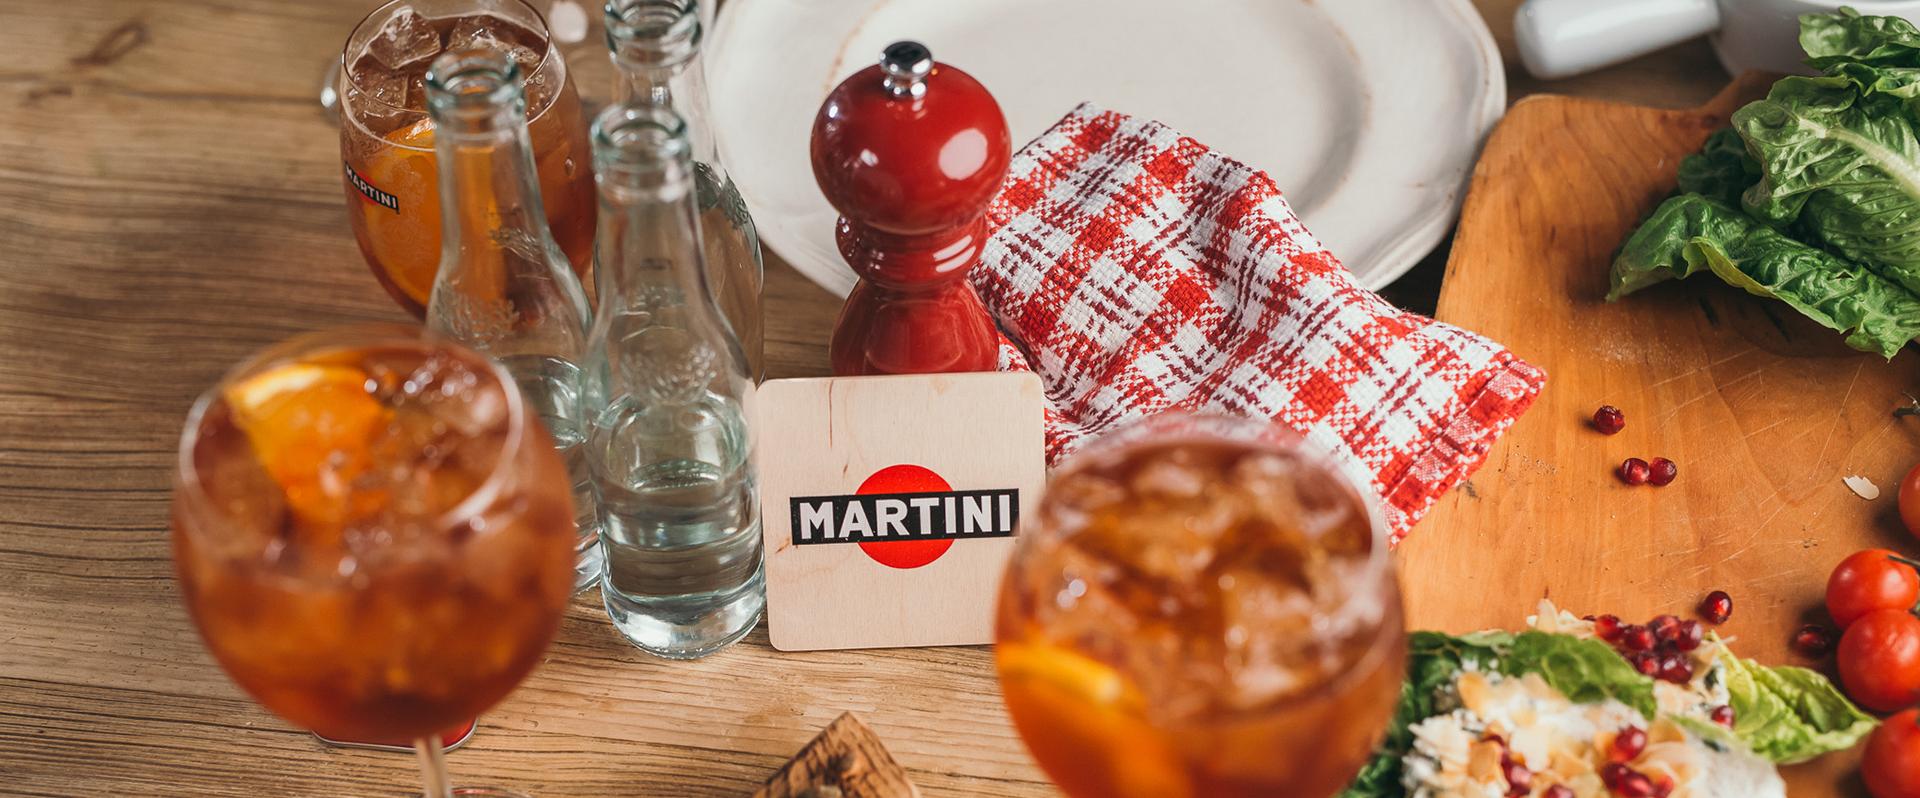 Martini x Aïoli